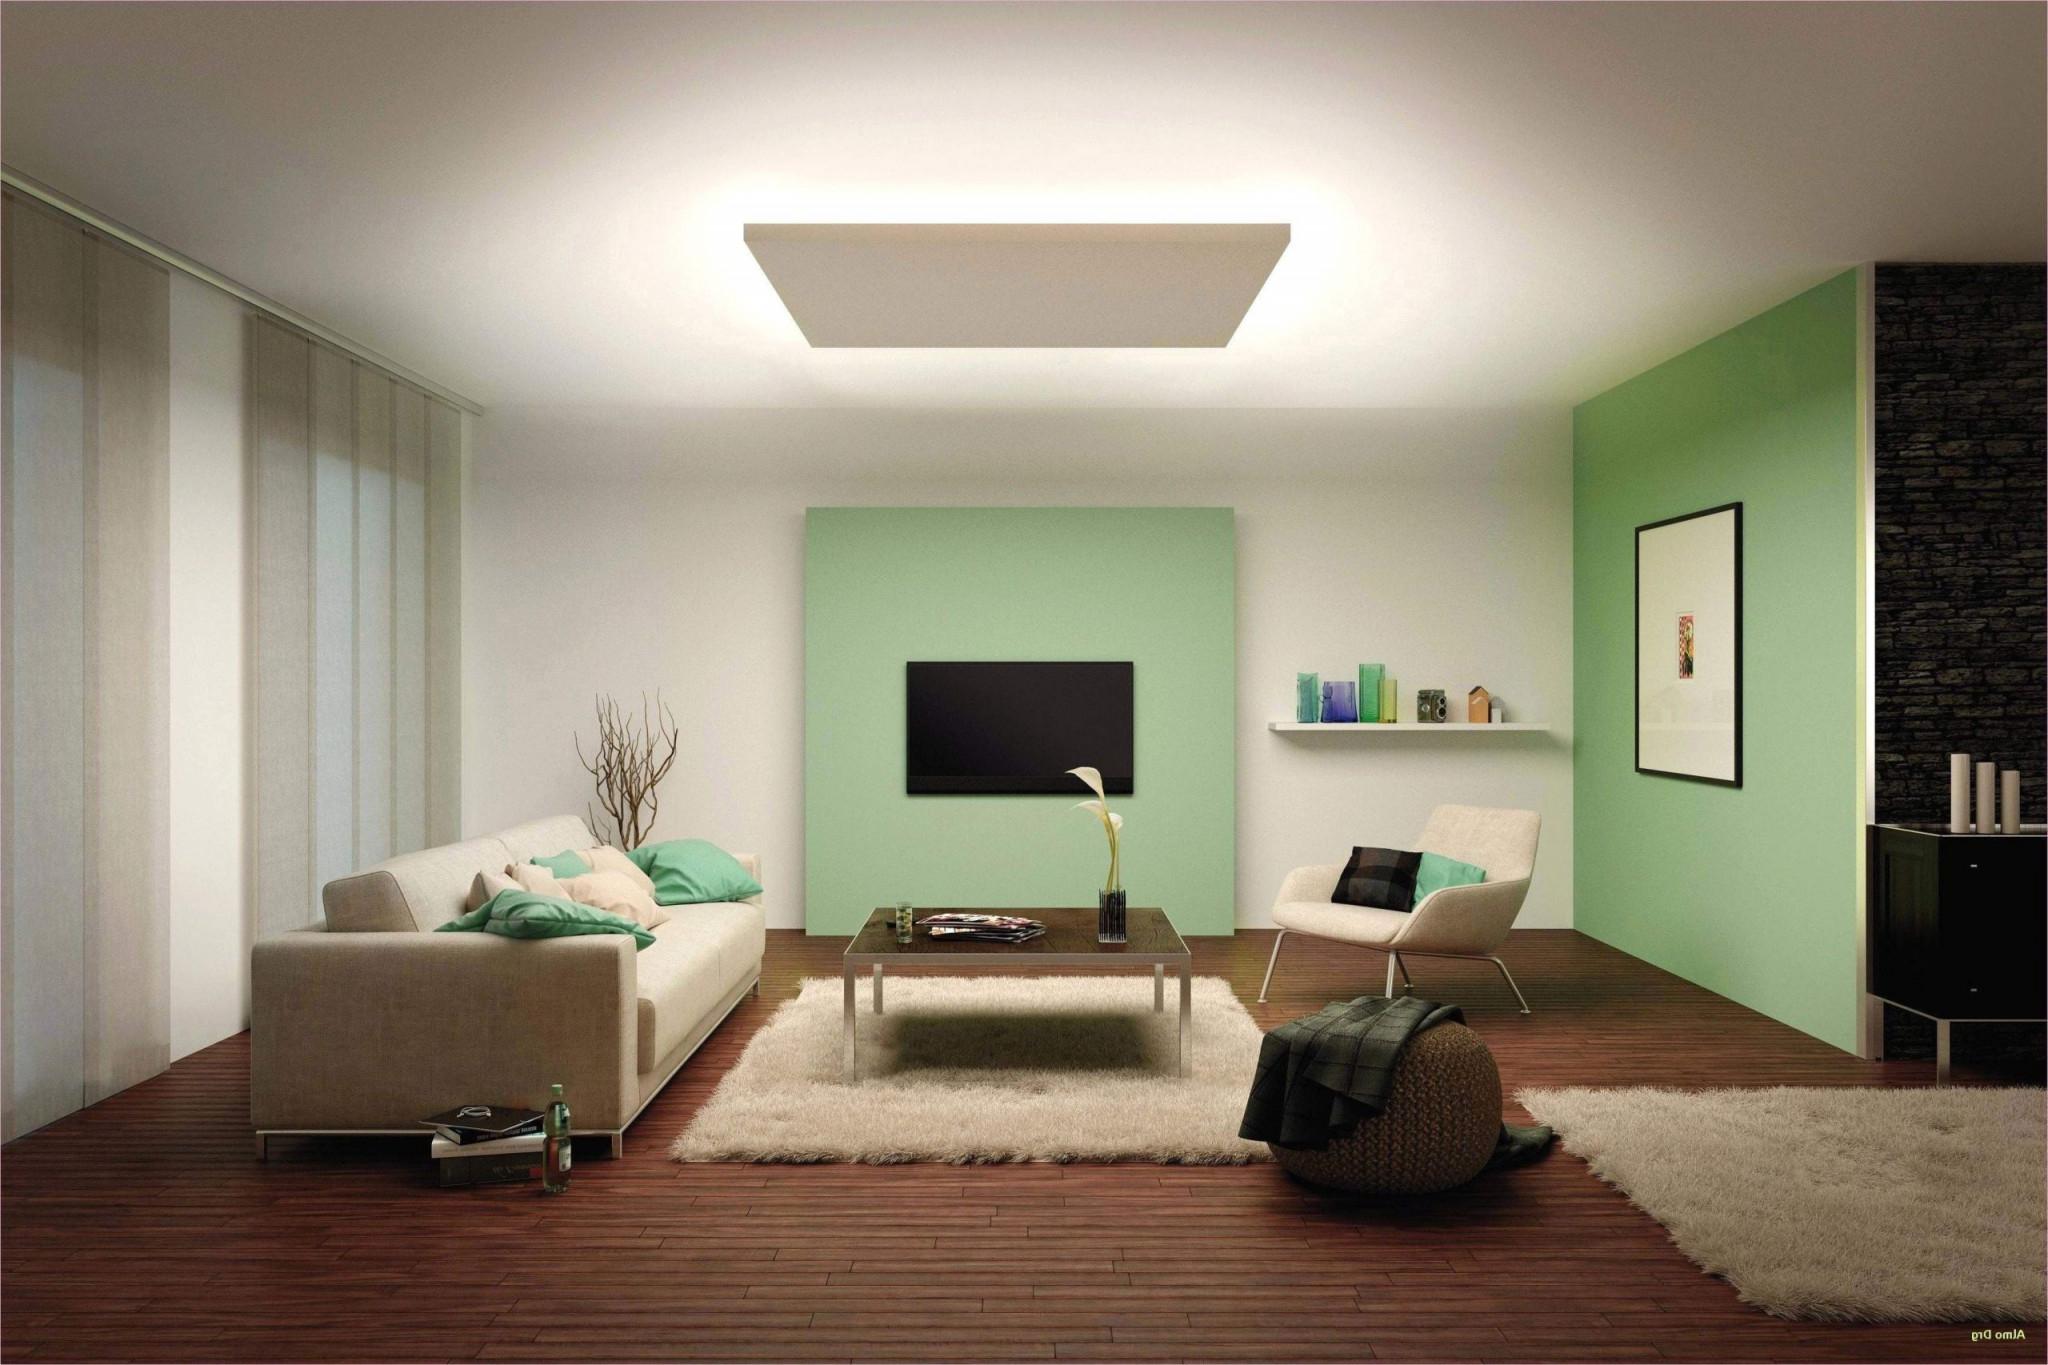 27 Neu Indirekte Deckenbeleuchtung Wohnzimmer Luxus von Lampe Für Wohnzimmer Decke Bild